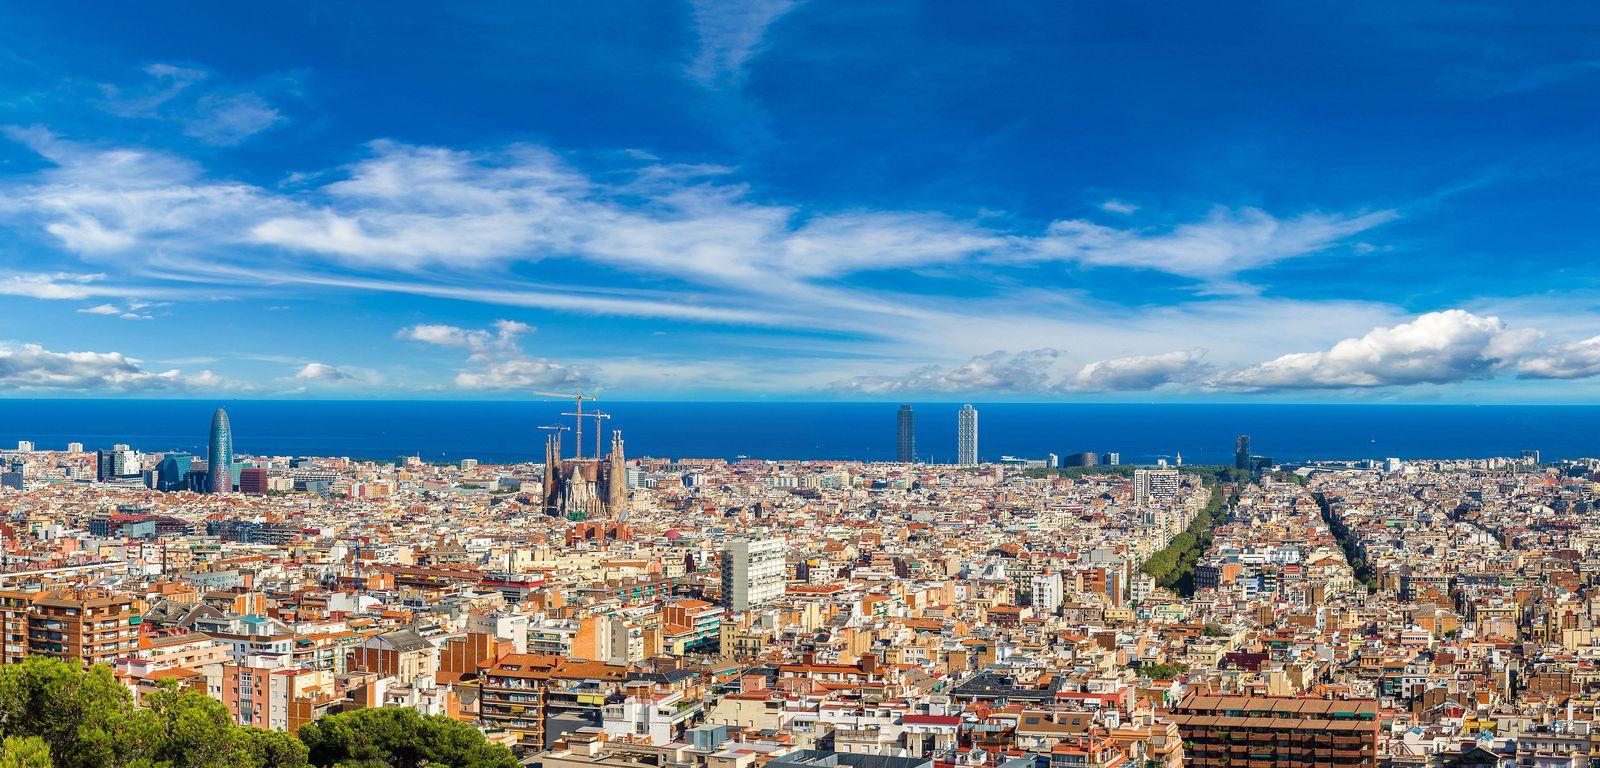 Vuelos baratos a Barcelona desde Buenos Aires por ARS 23.780 finales